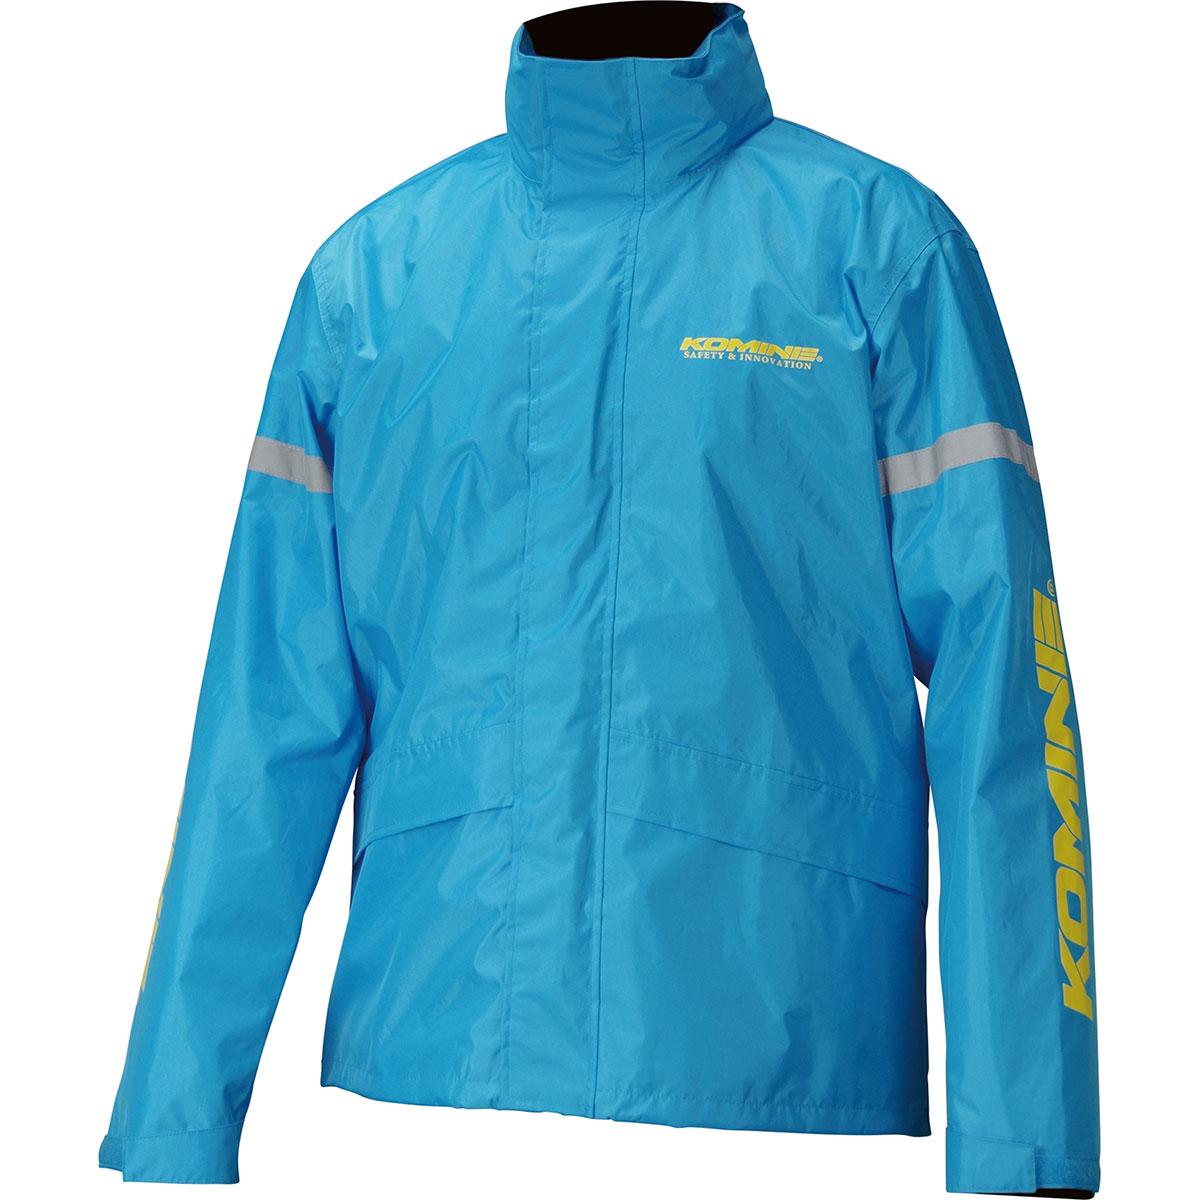 予約販売 コミネ Komine バイク用 レインギア Rain gear RK-543 STDレインウェア C.BL シアン Mサイズ バースデー 記念日 ギフト 贈物 お勧め 通販 青 M ブルー 03-543